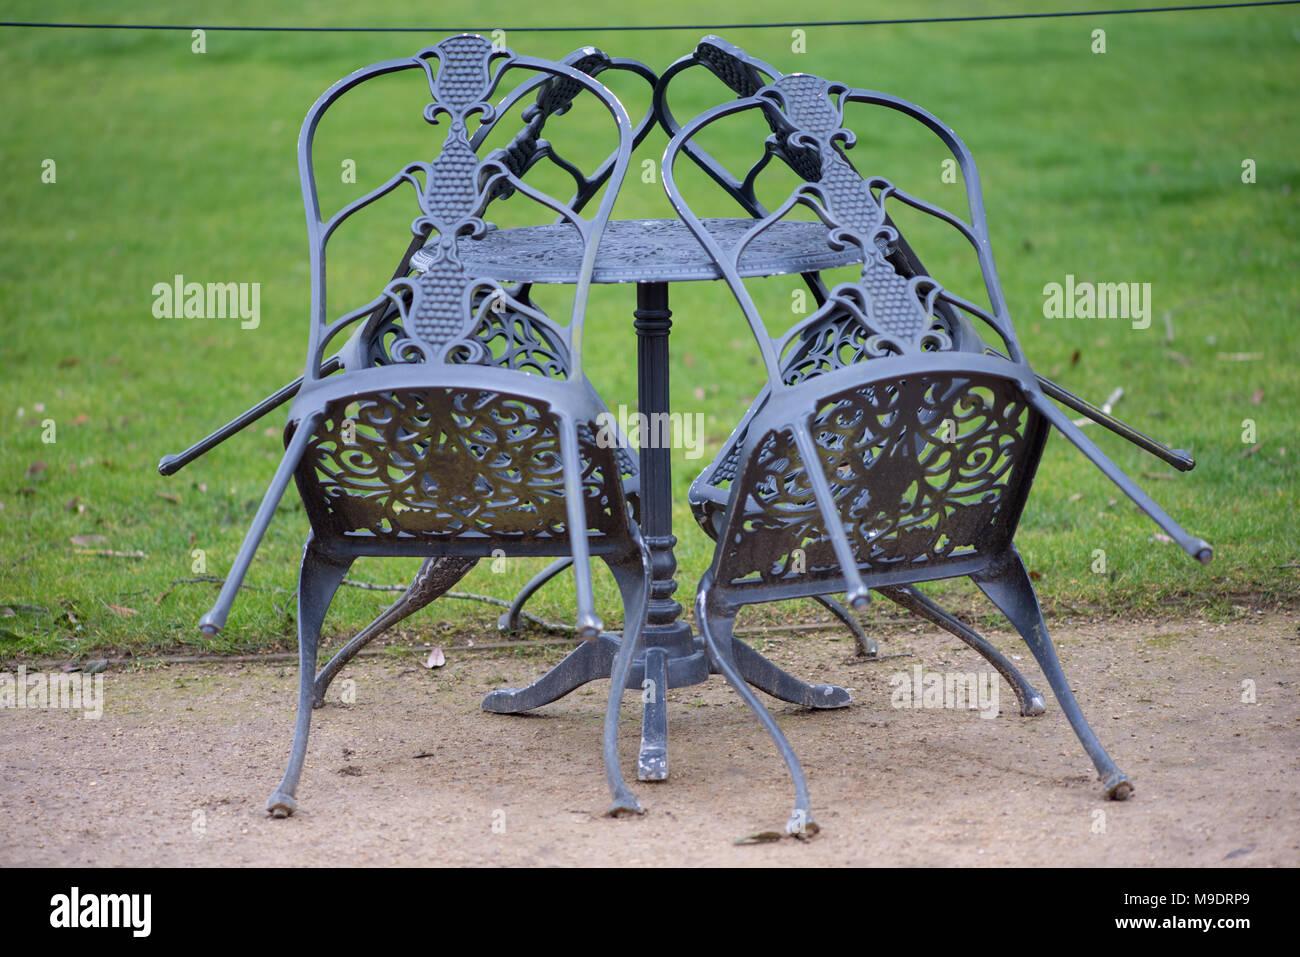 Único Forjado Muebles De Jardín De Hierro Reino Unido Inspiración ...